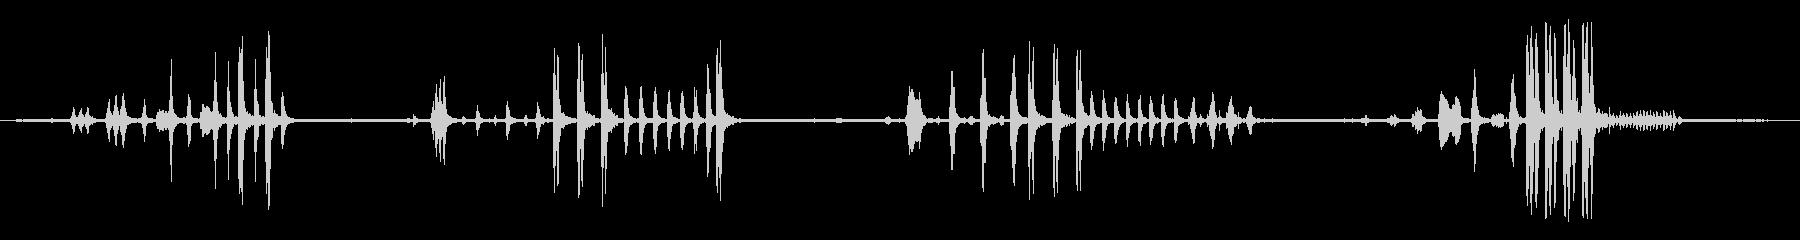 バード、ナイチンゲール、ナイチンゲ...の未再生の波形